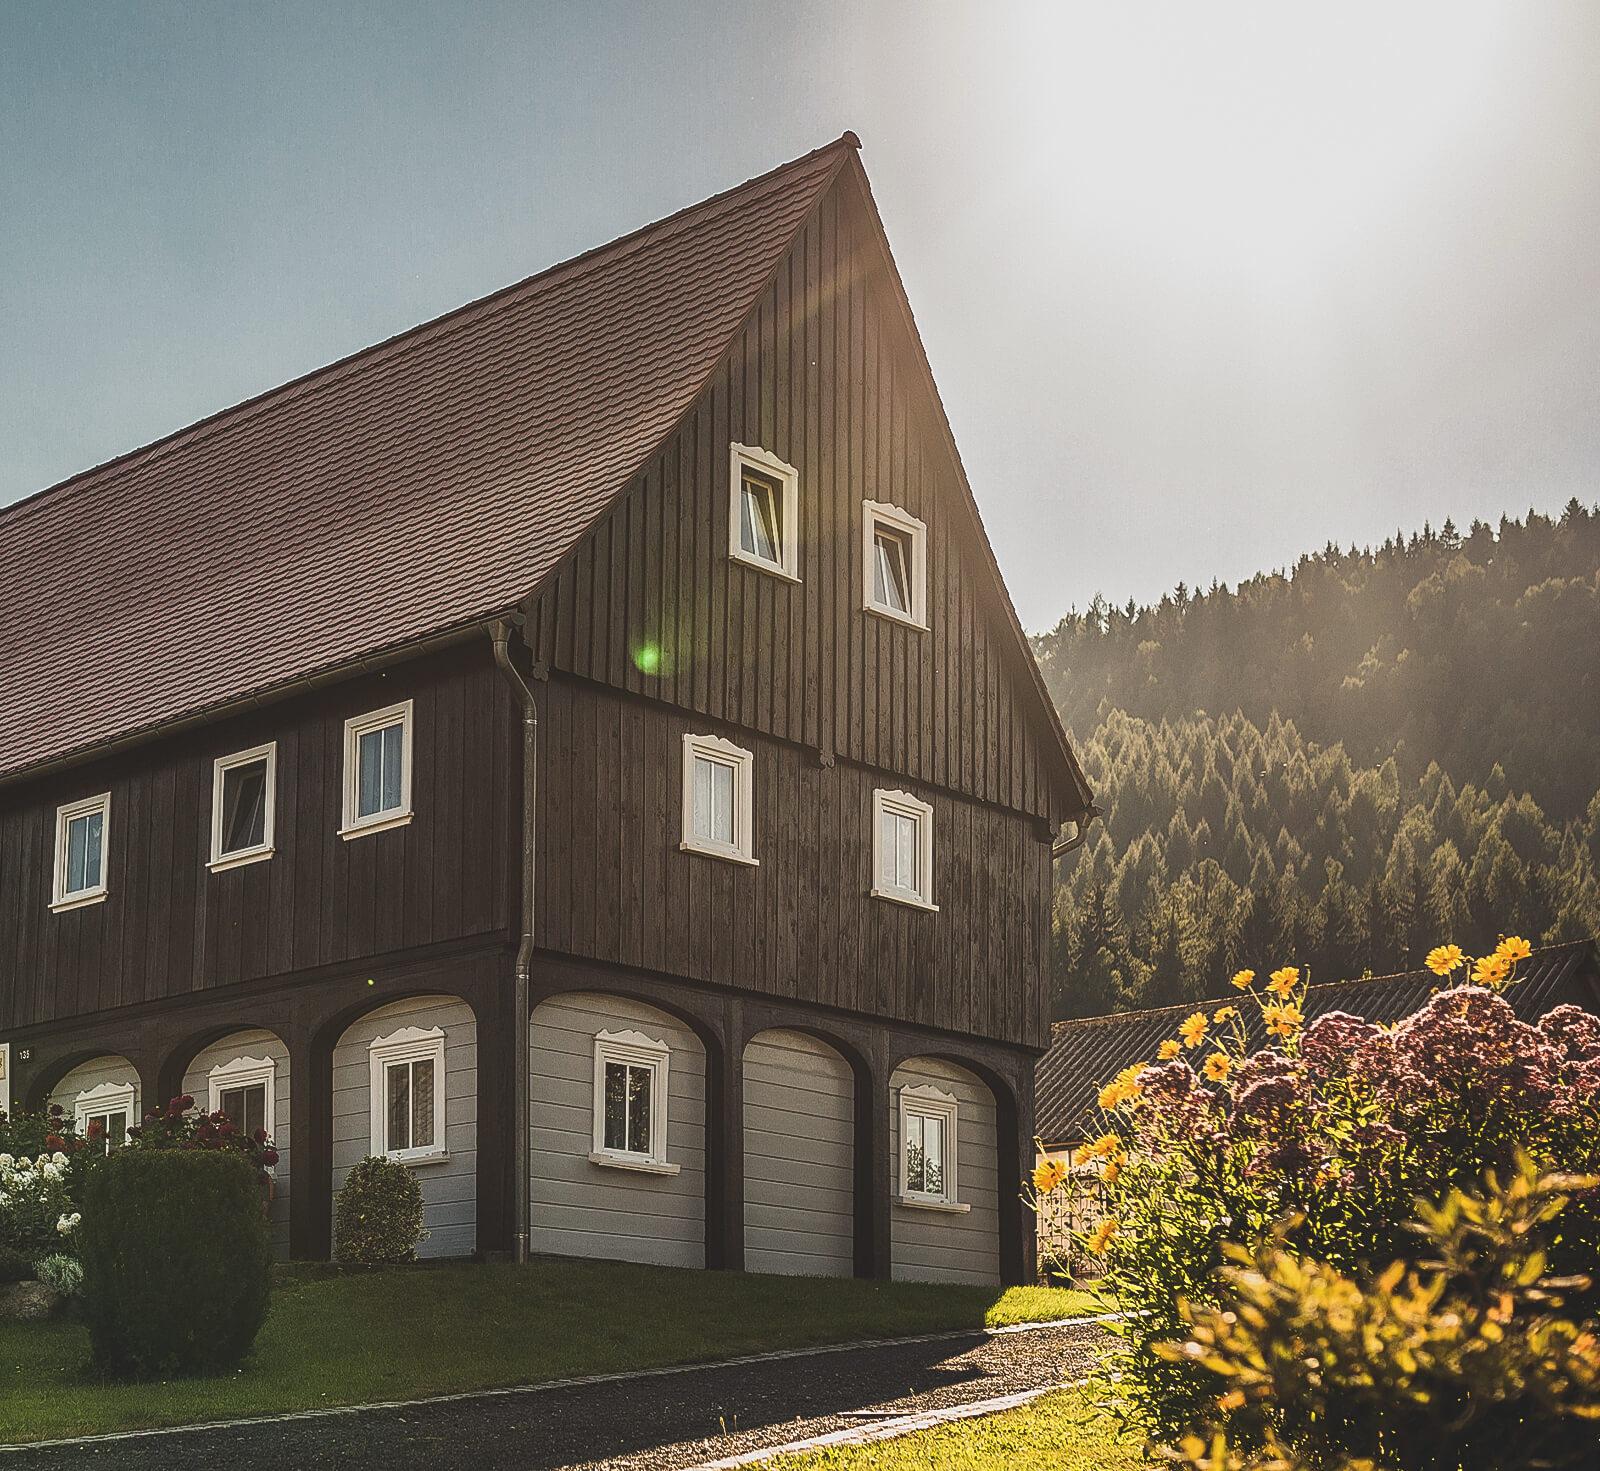 Trixi Ferienpark Zittauer Gebirge Erlebnisse Umgebindehaus Landschaft Oberlausitz